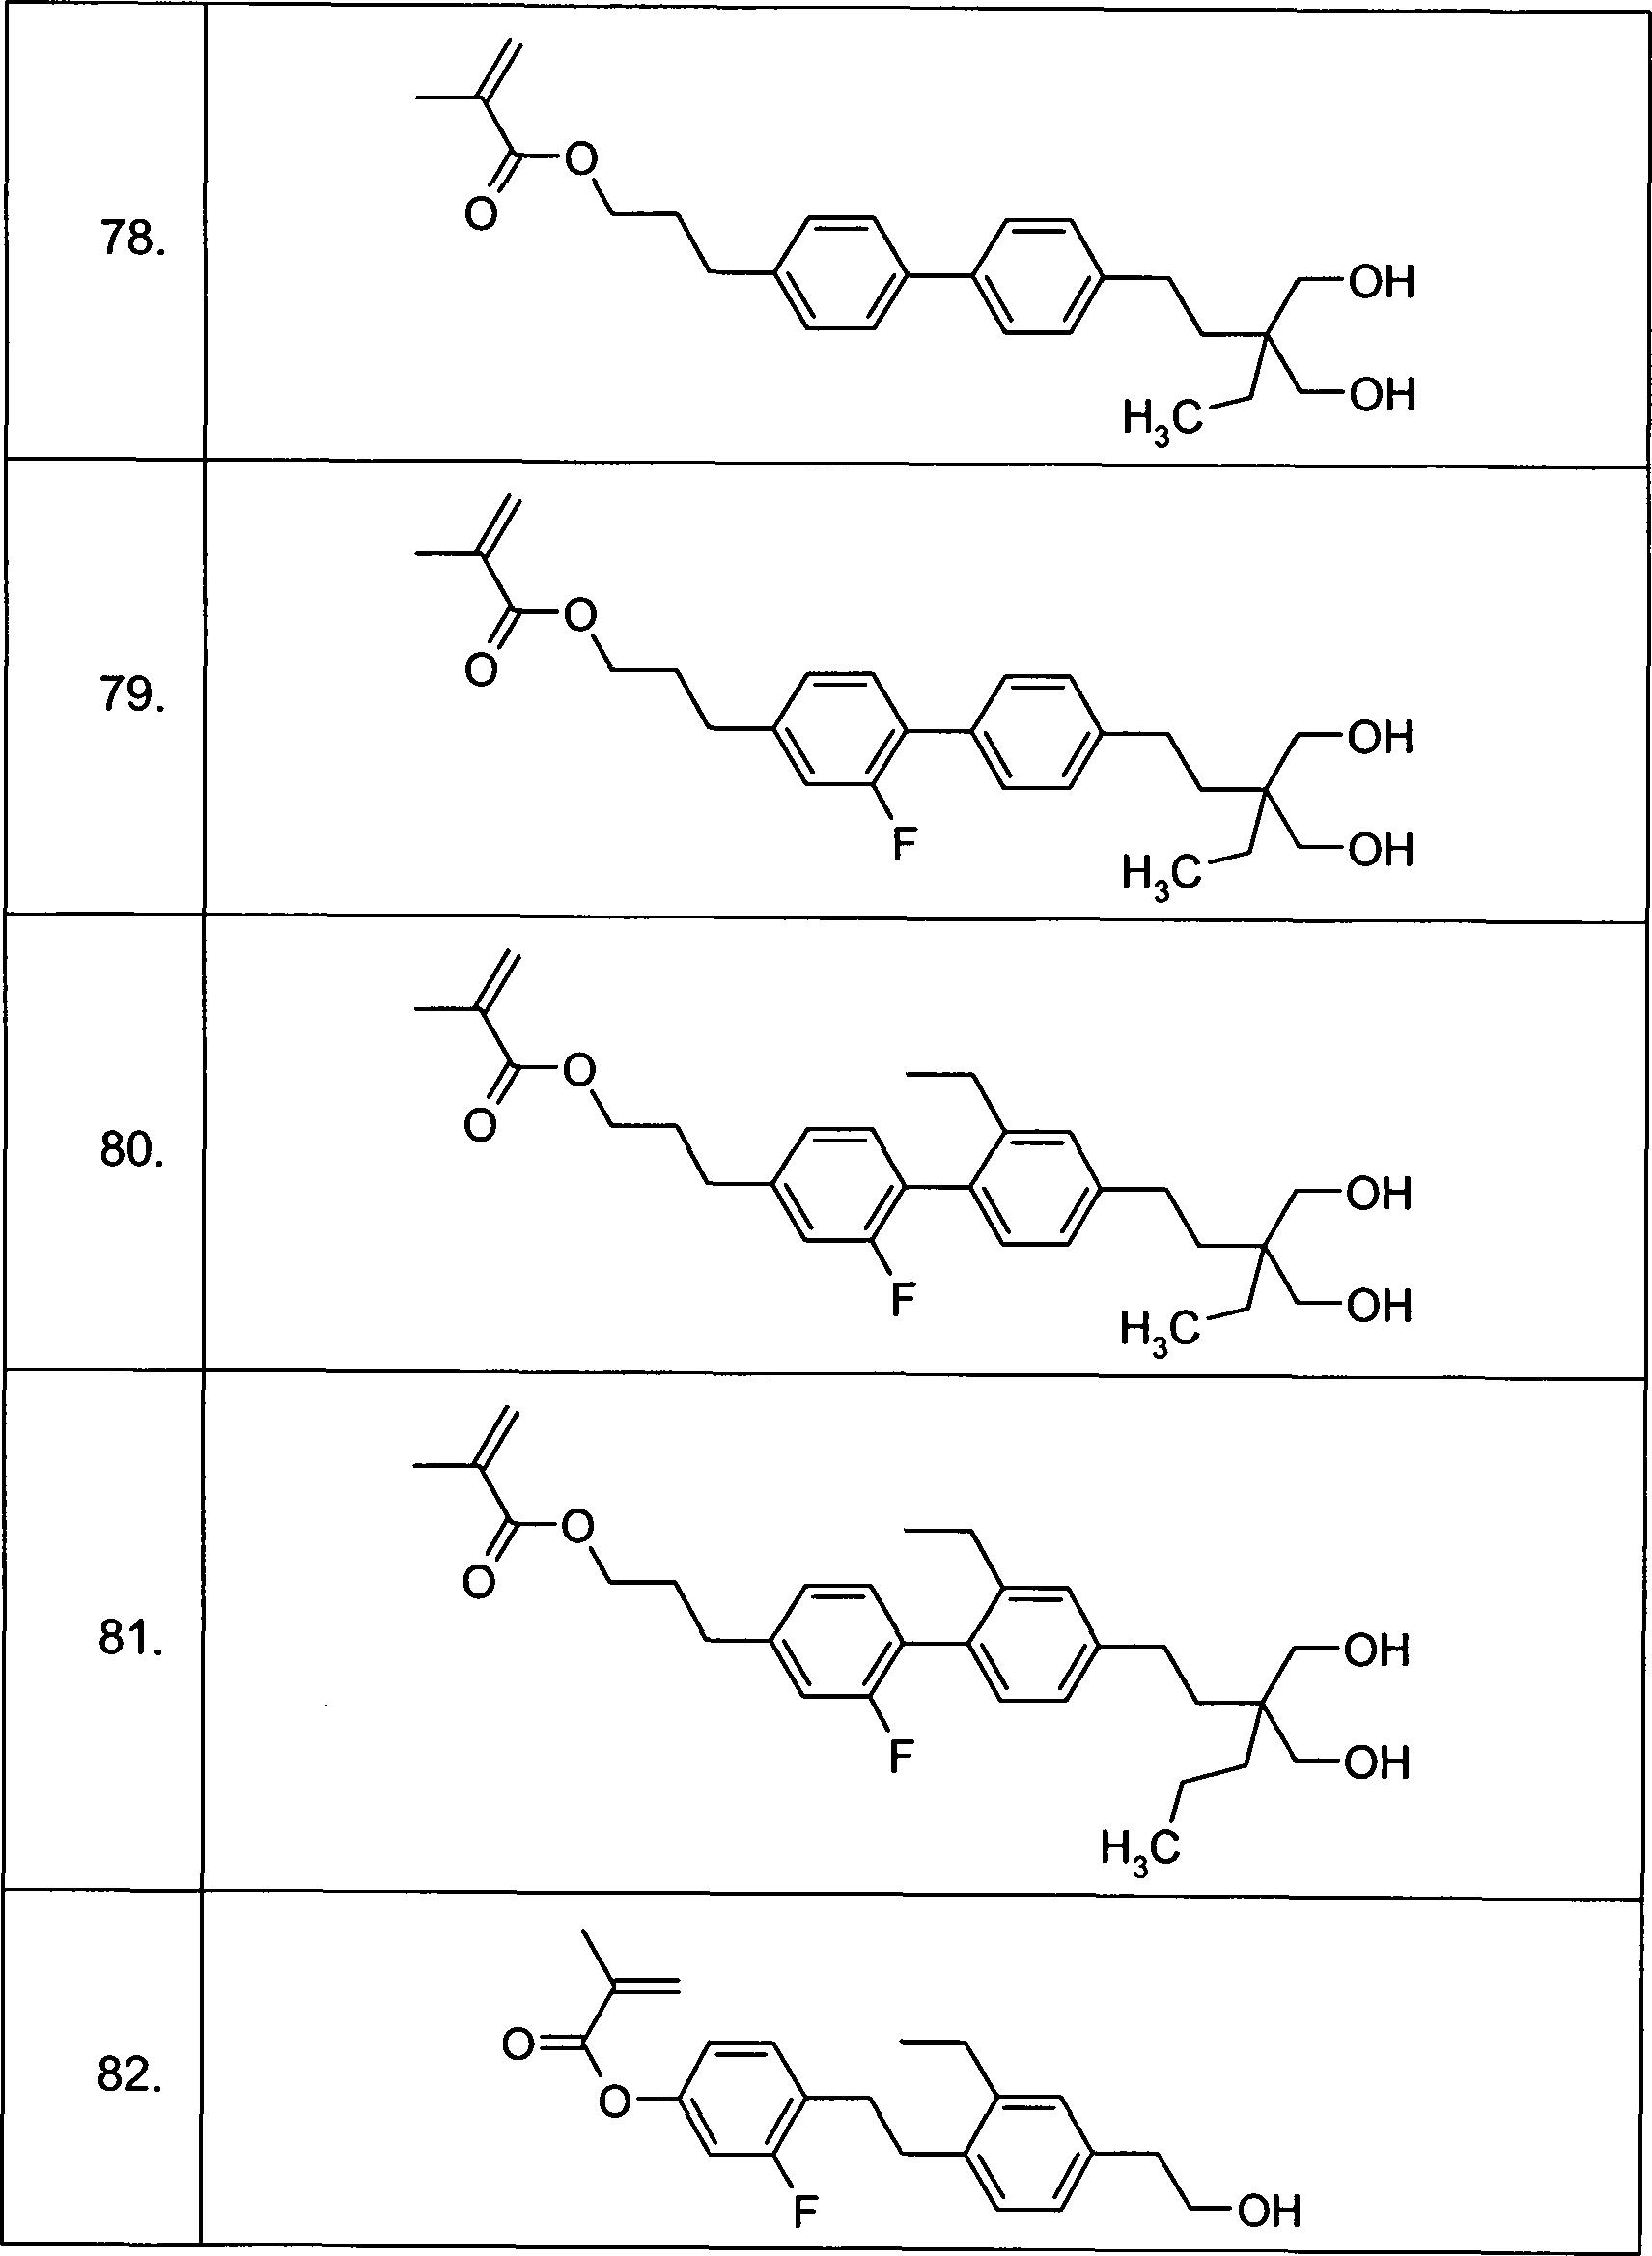 Figure DE102015008172A1_0124